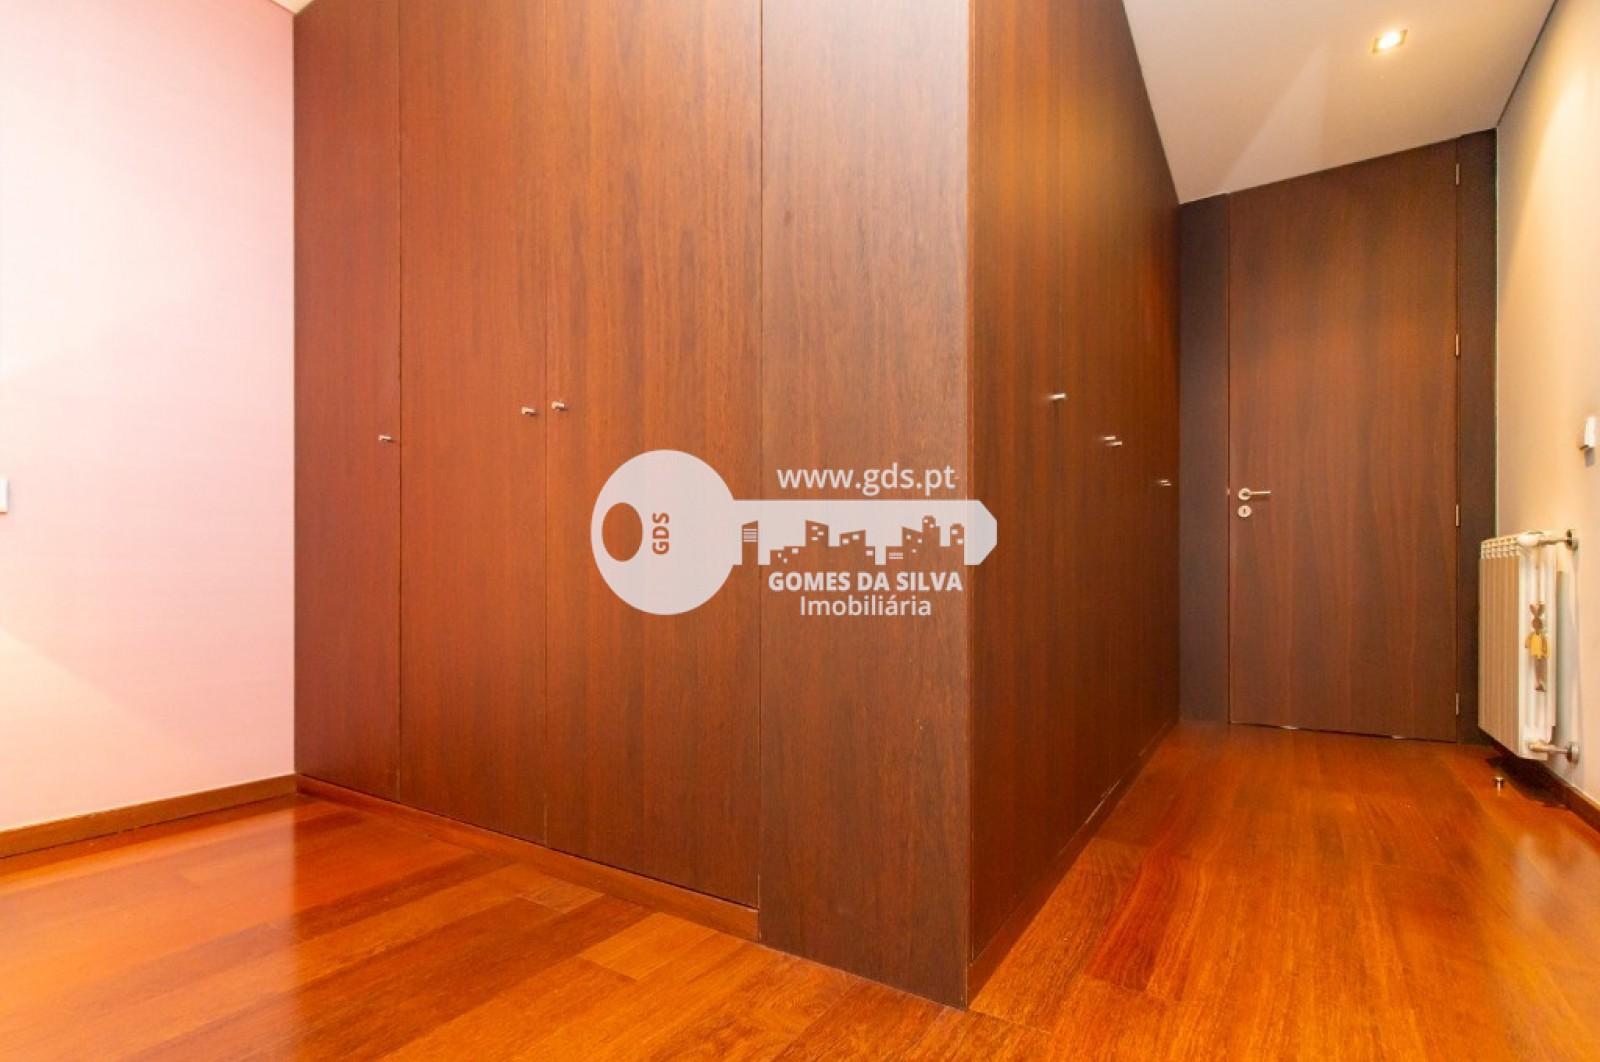 Apartamento T3 para Venda em Nogueira, Fraião e Lamaçães, Braga, Braga - Imagem 52